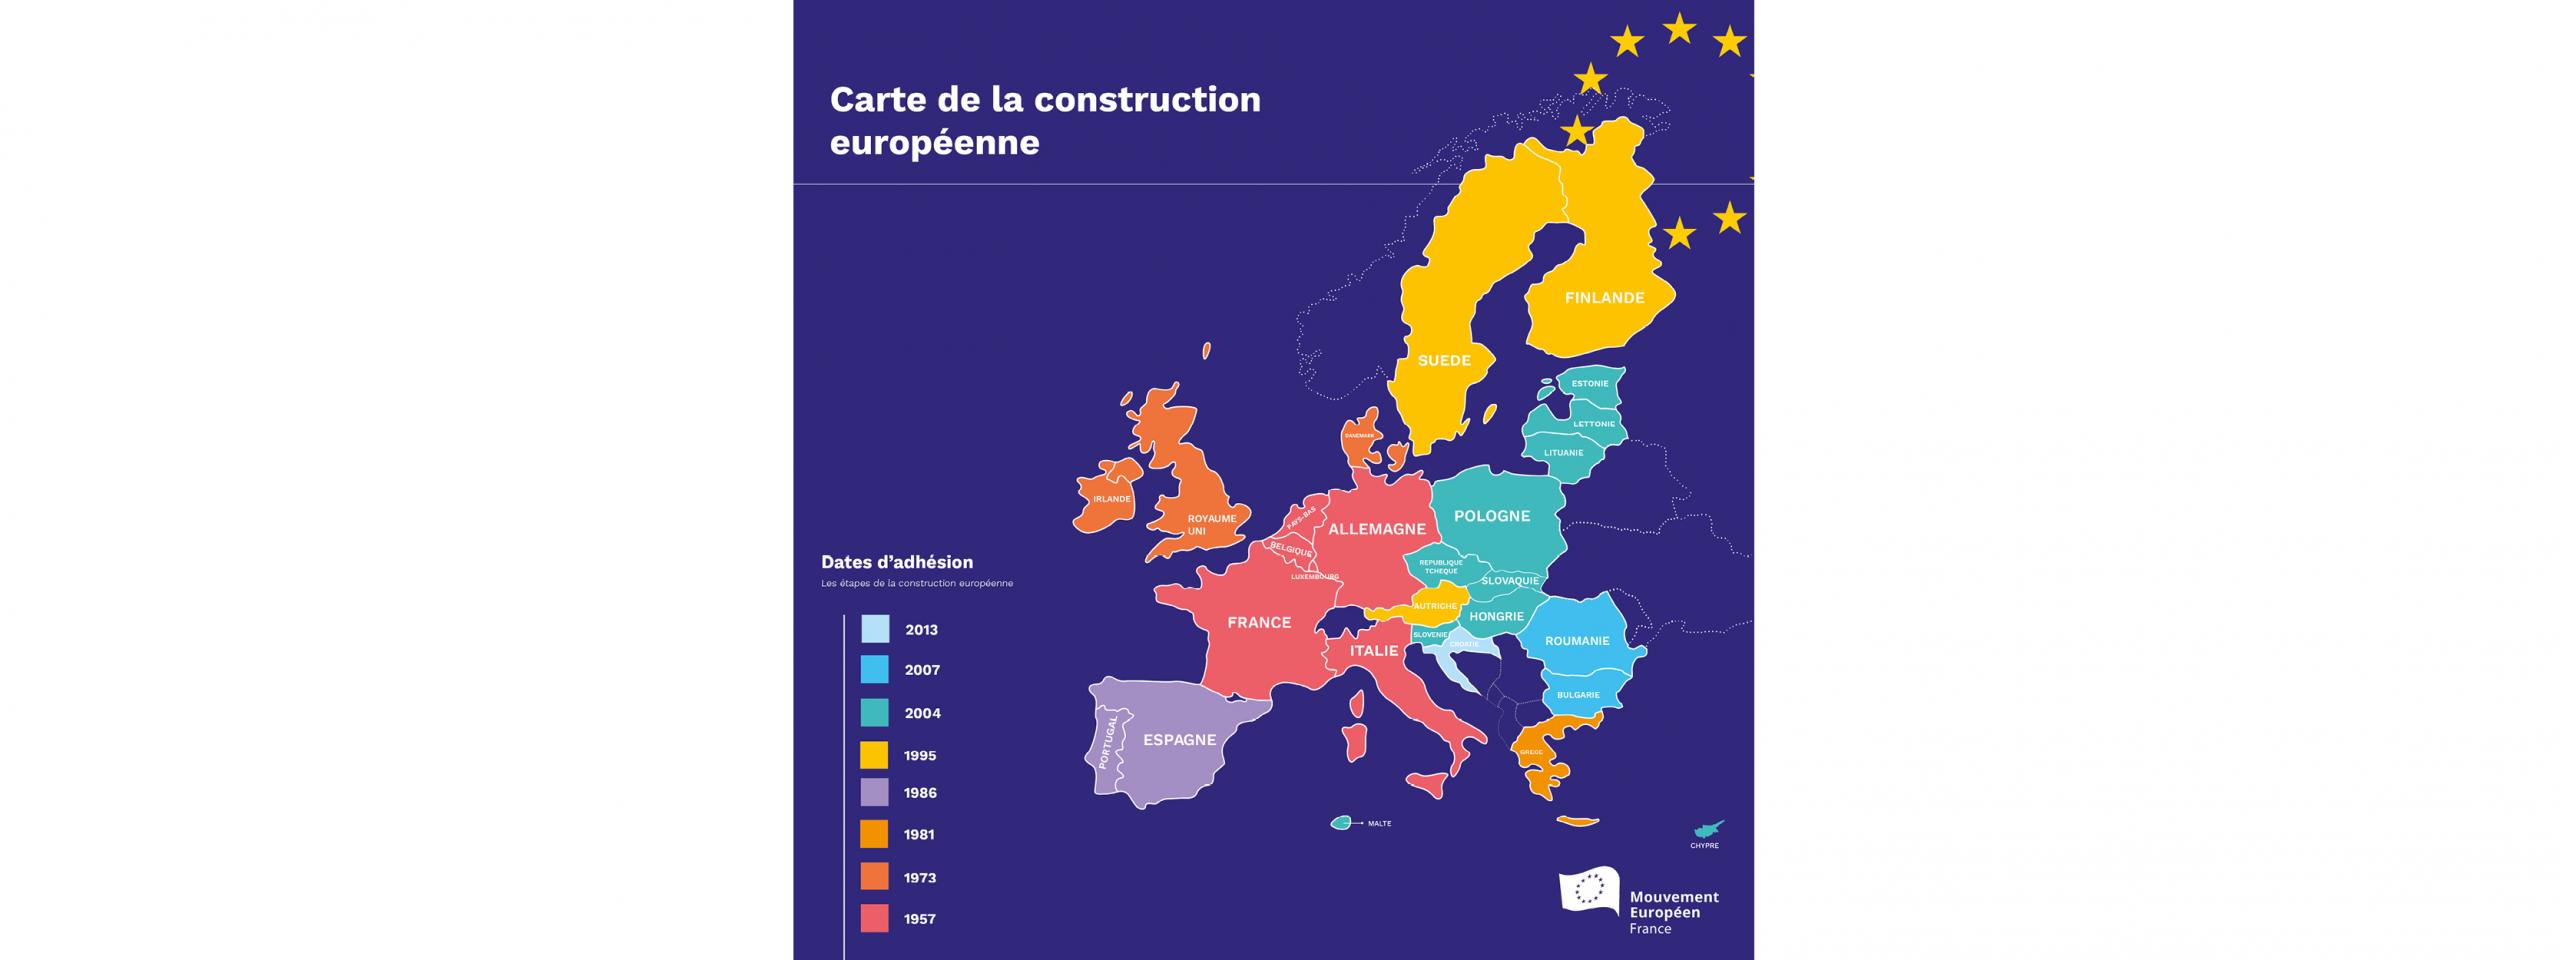 Union Européenne : La Construction Européenne En Carte encequiconcerne Carte Union Europeene